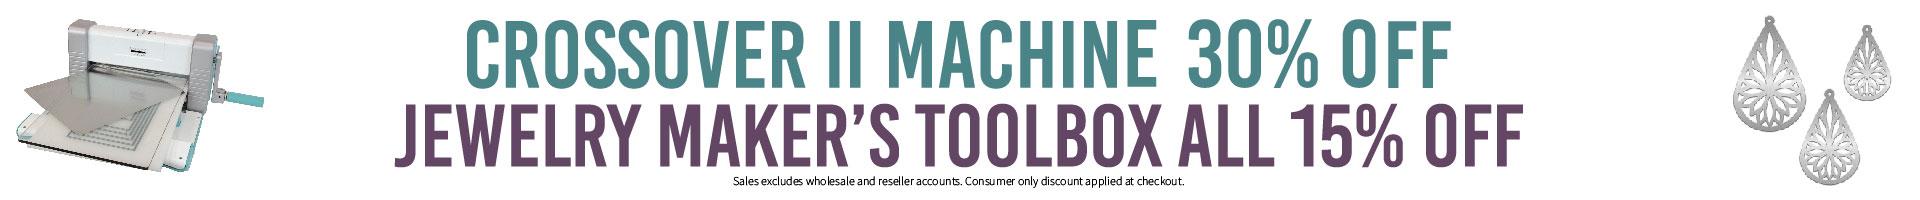 machine-banner-02.jpg